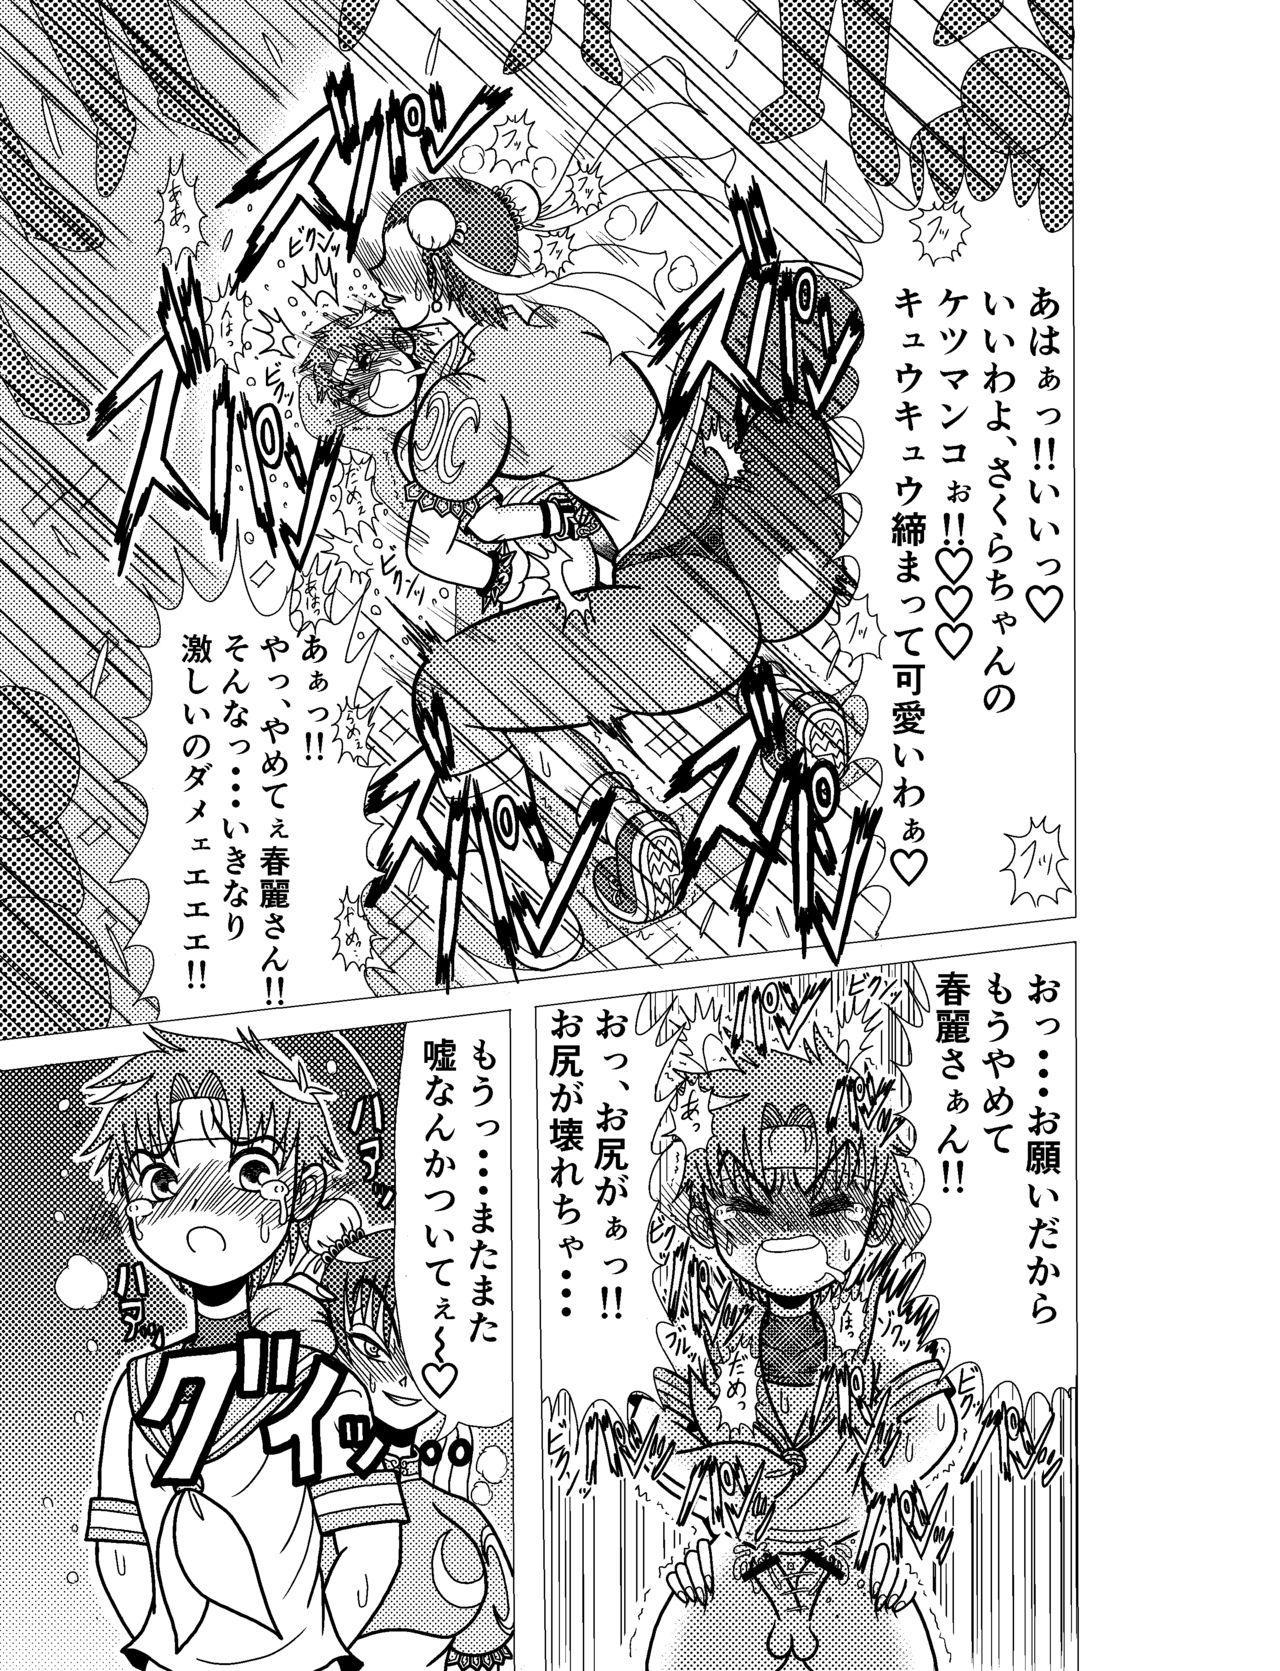 Sakura Cos Shota Kyousei Rojou Hentai Choukyou Gokumonsatsu 12